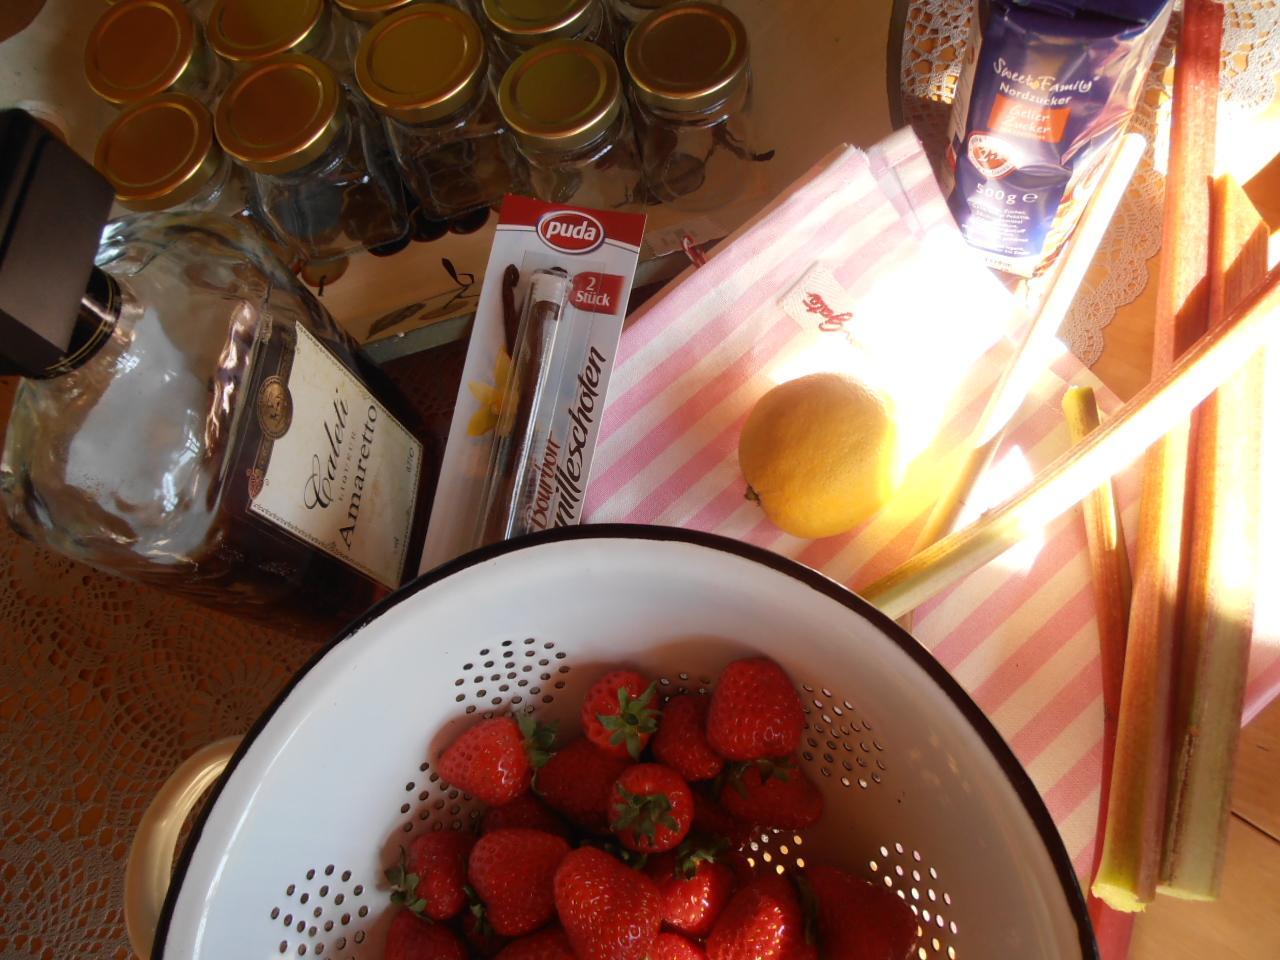 sweet home rosa lia erdbeer saison marmelade kochen mit rhabarber und vanille. Black Bedroom Furniture Sets. Home Design Ideas